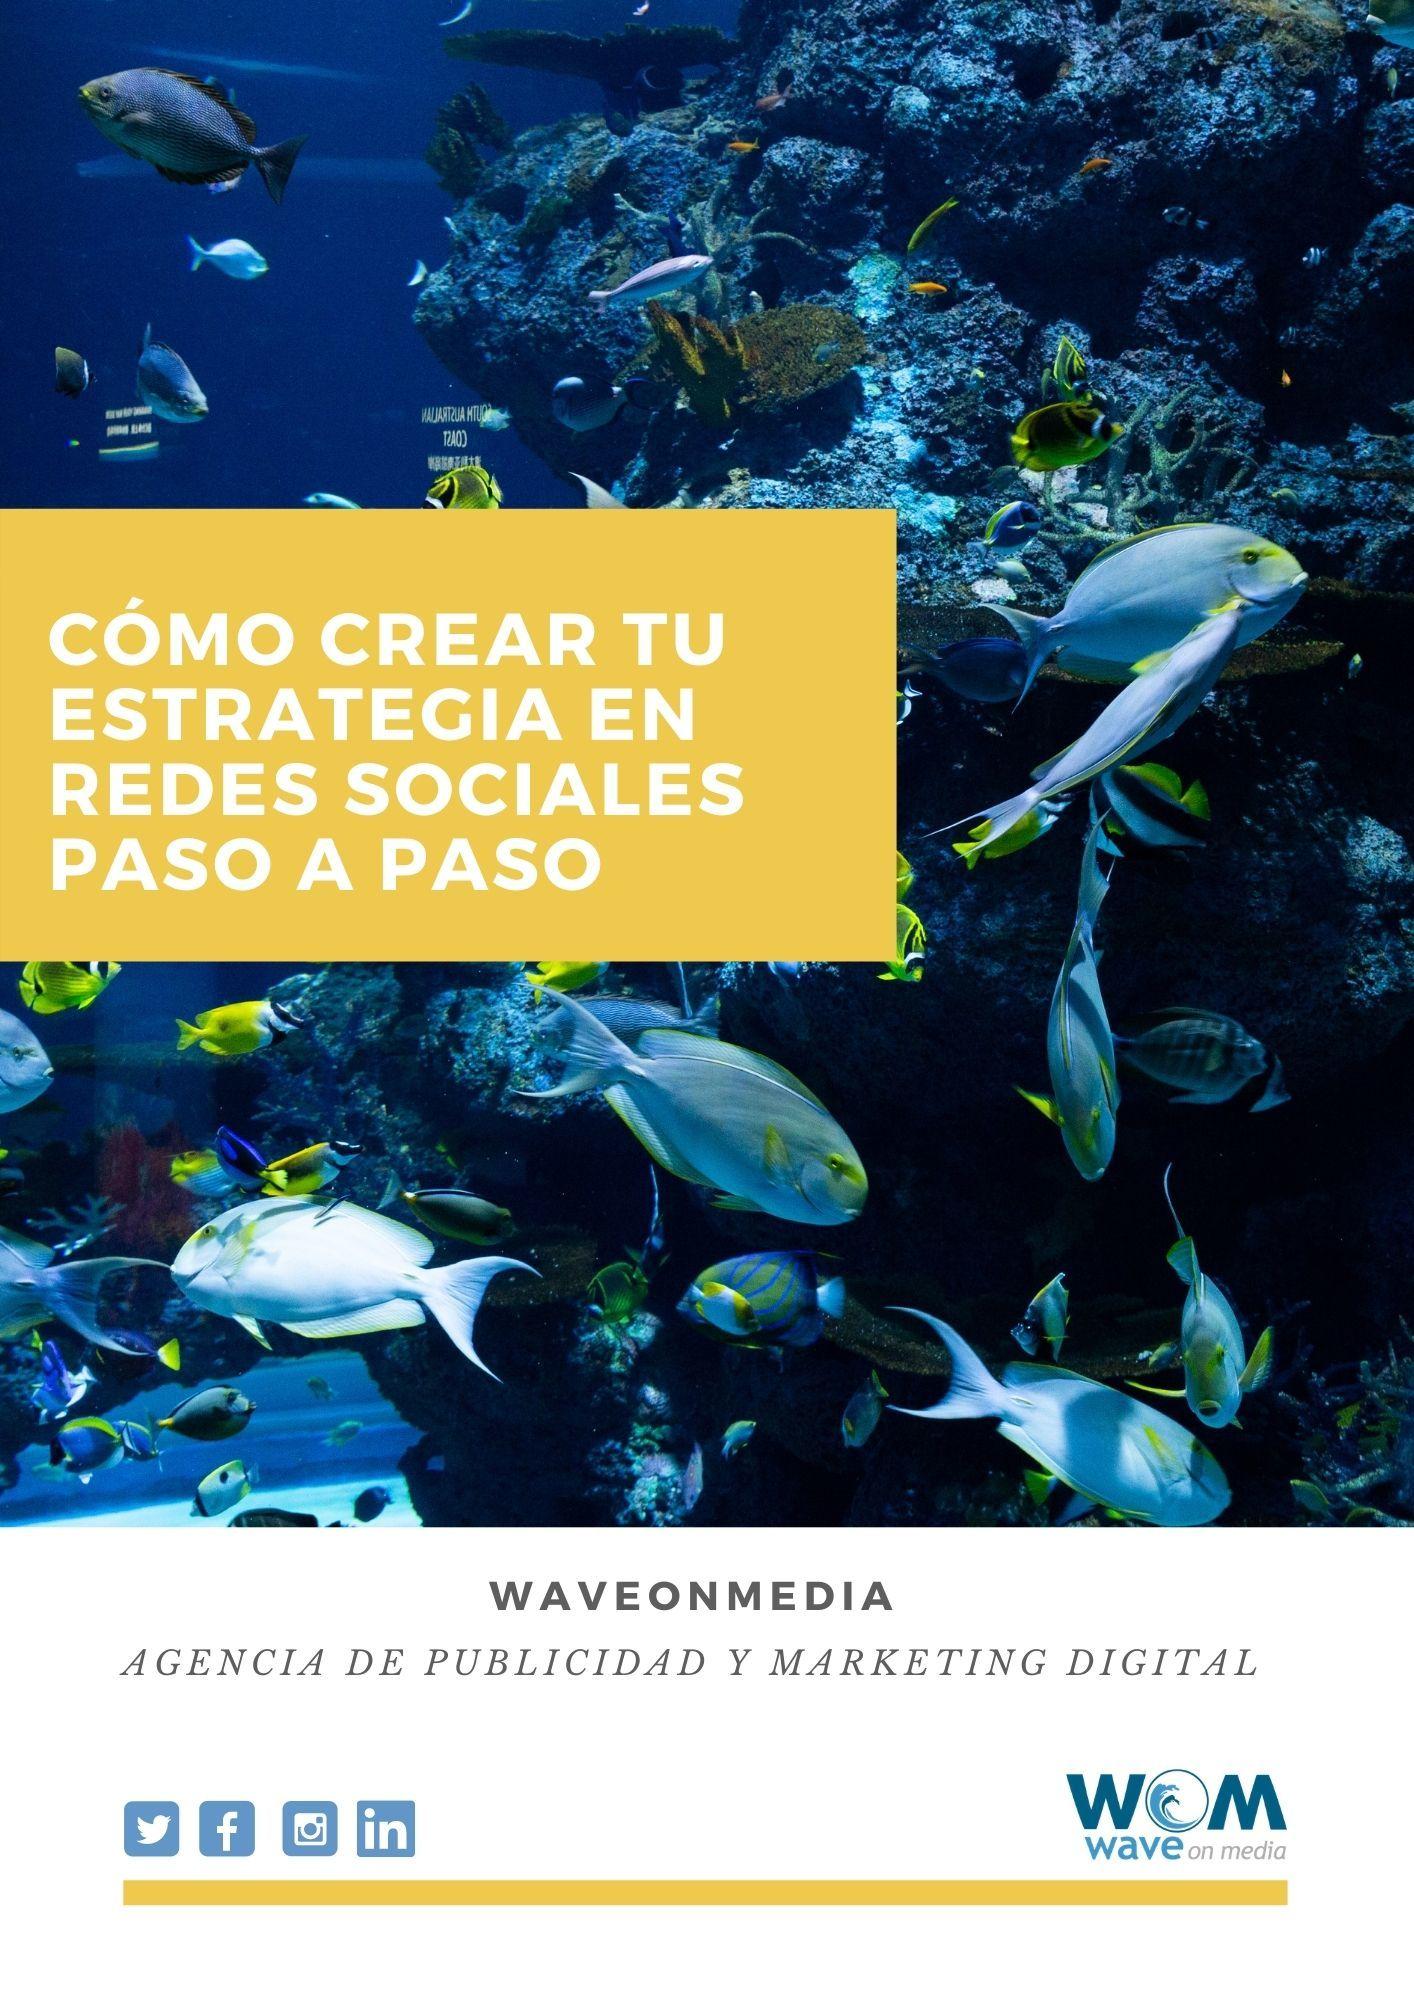 Portada-como-crear-tu-estrategia-en-redes-sociales-paso-a-paso-Wave On Media